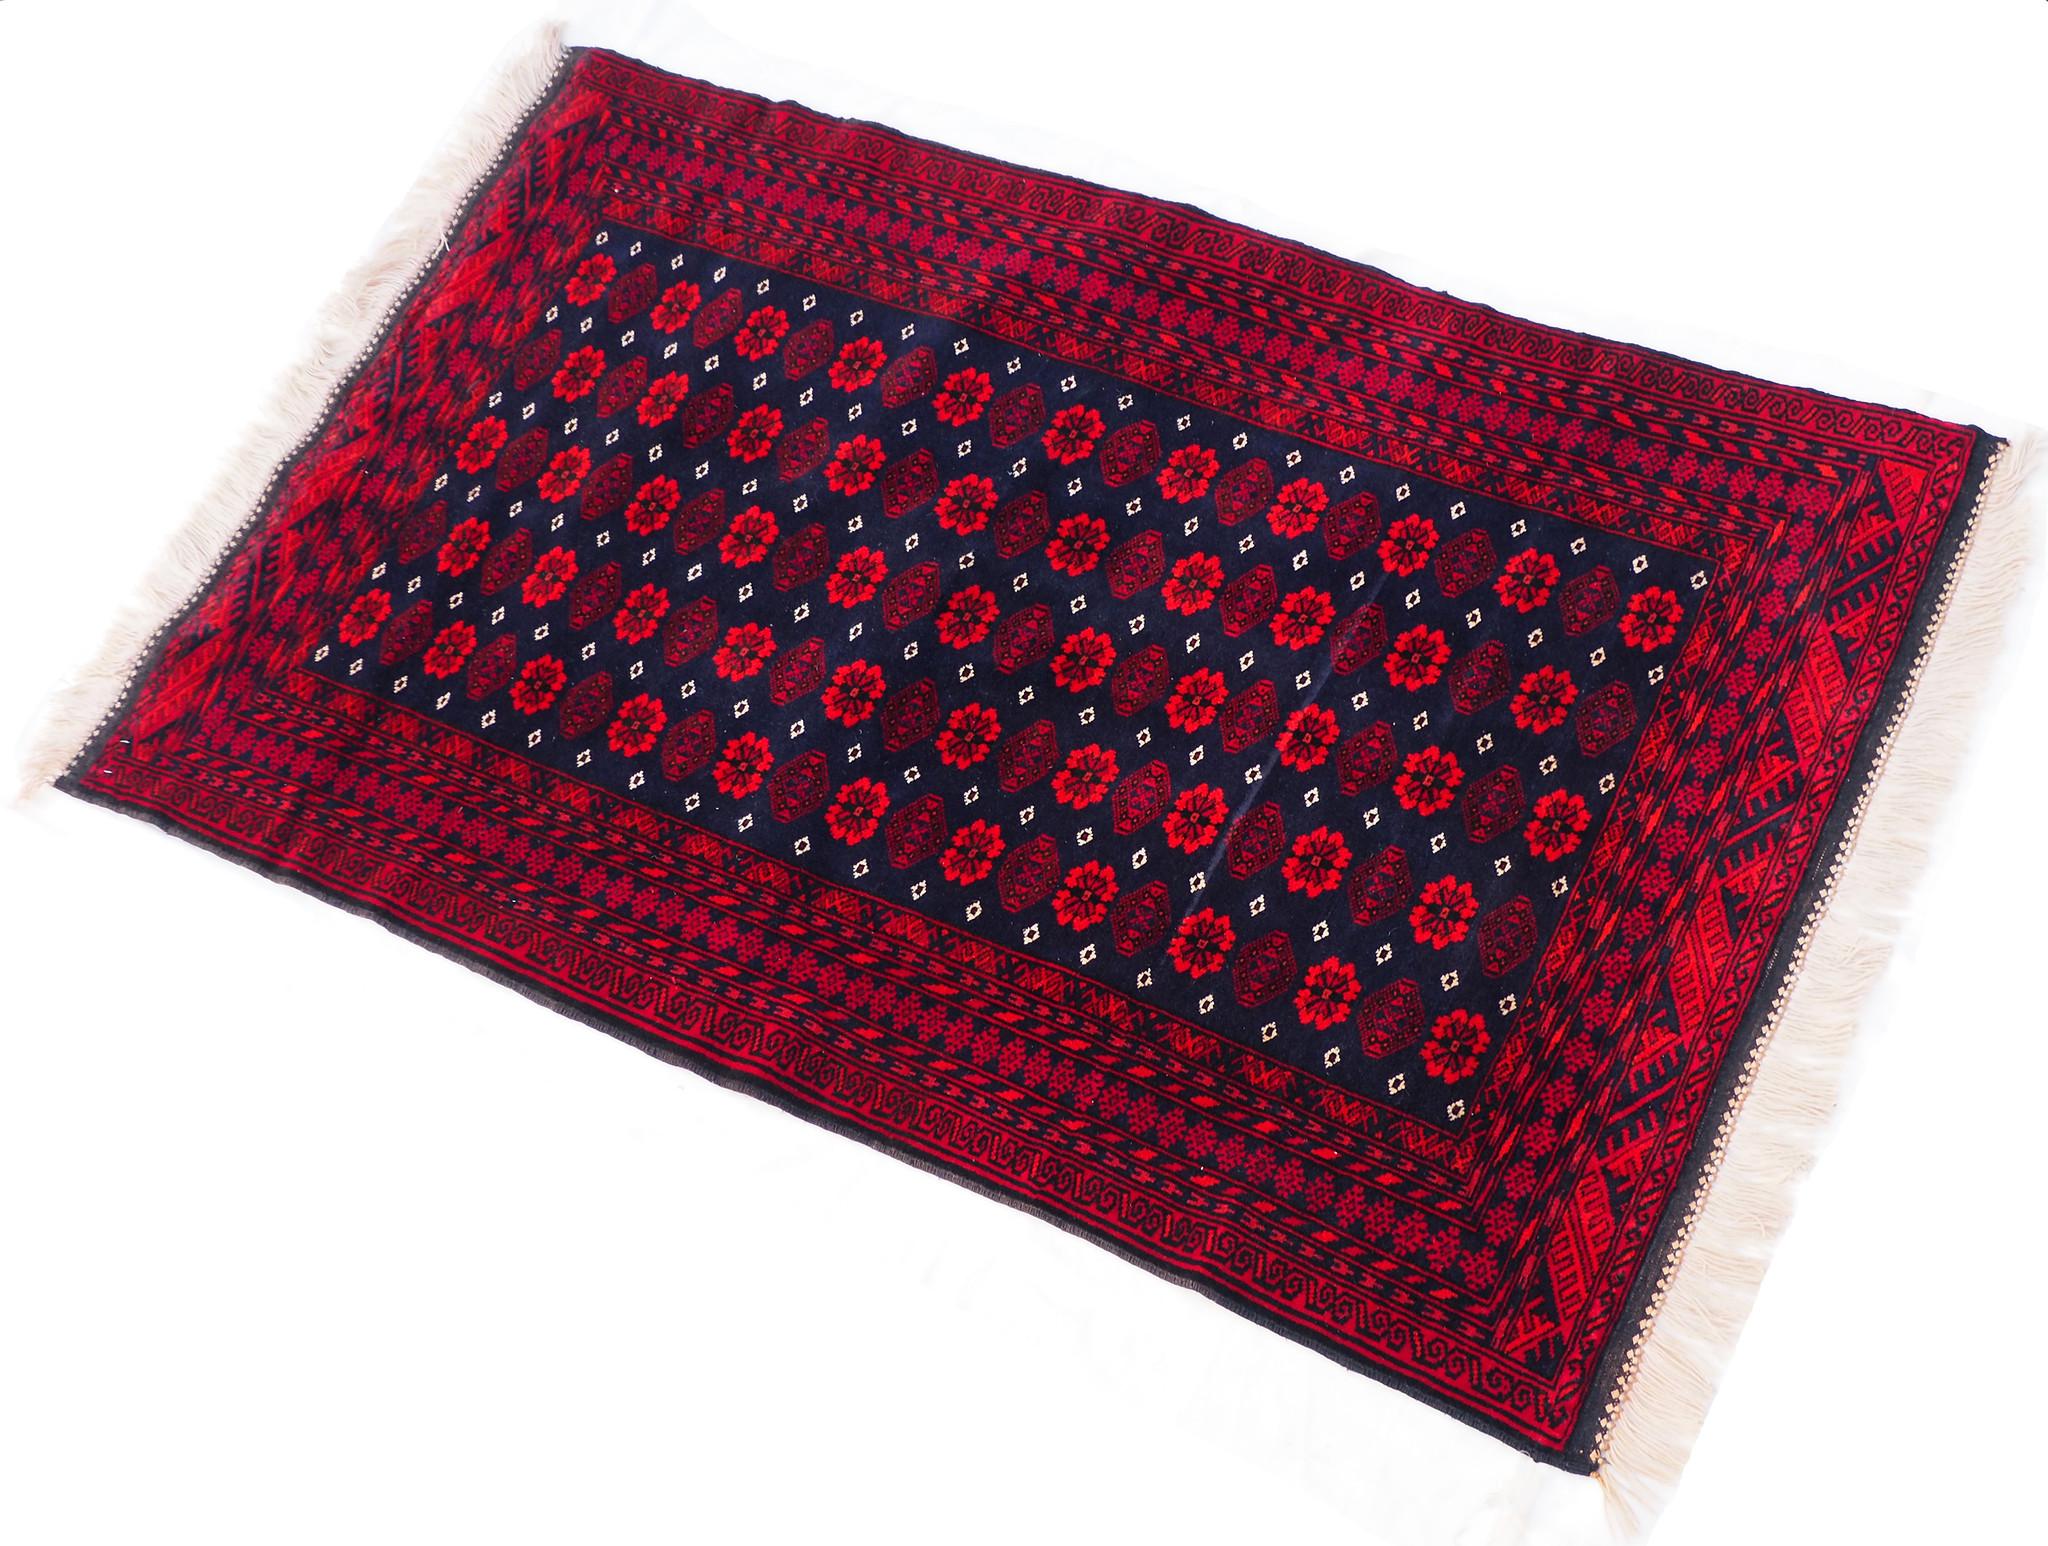 148x94 cm orient handgeknüpfte Teppich Nomaden Belotsche Flur teppich läufer galerie teppich Treppenteppich Nr-21/1